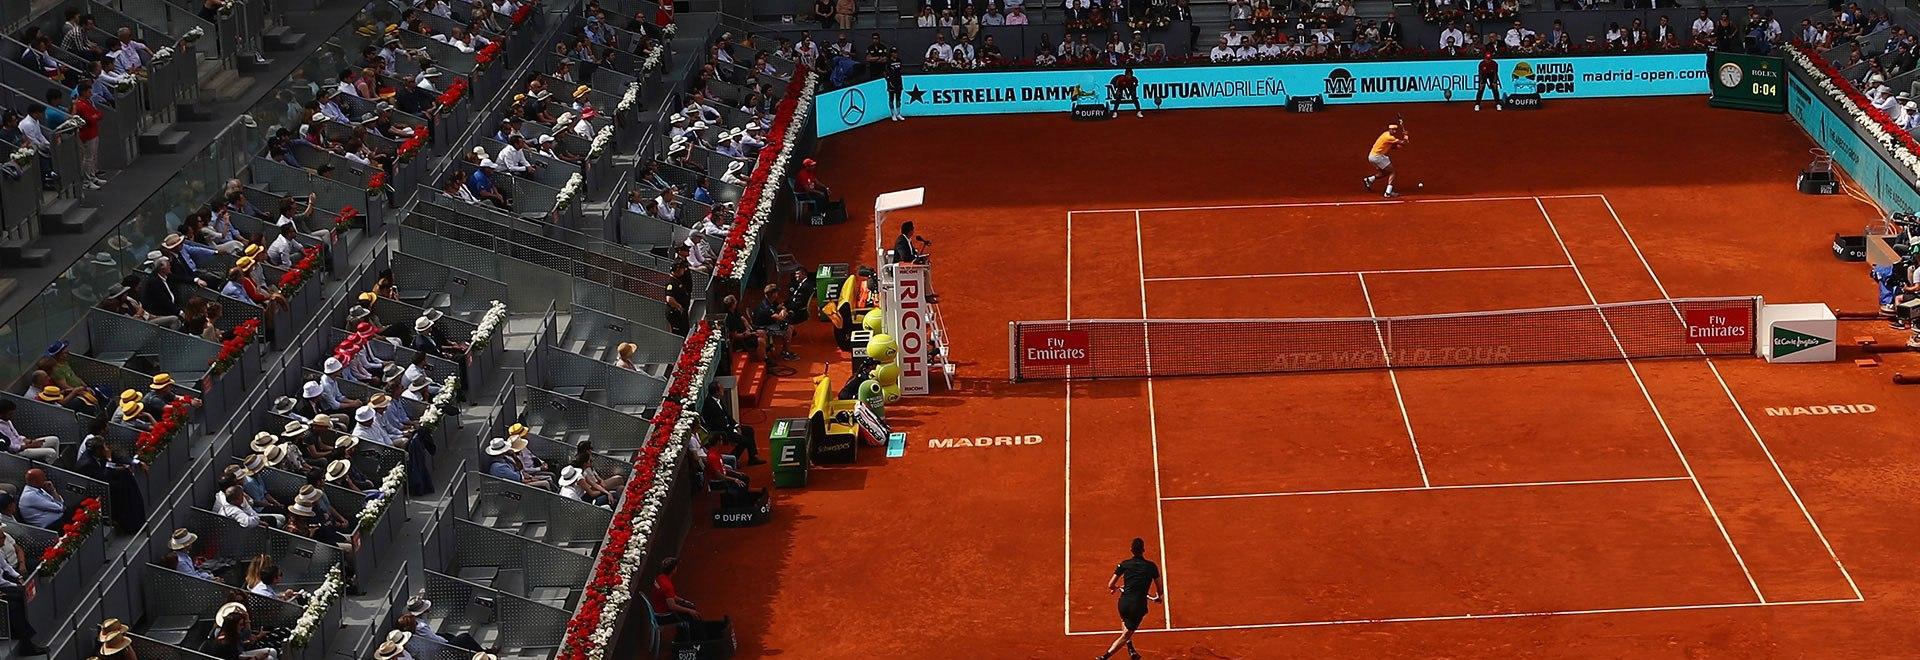 ATP Madrid 2009